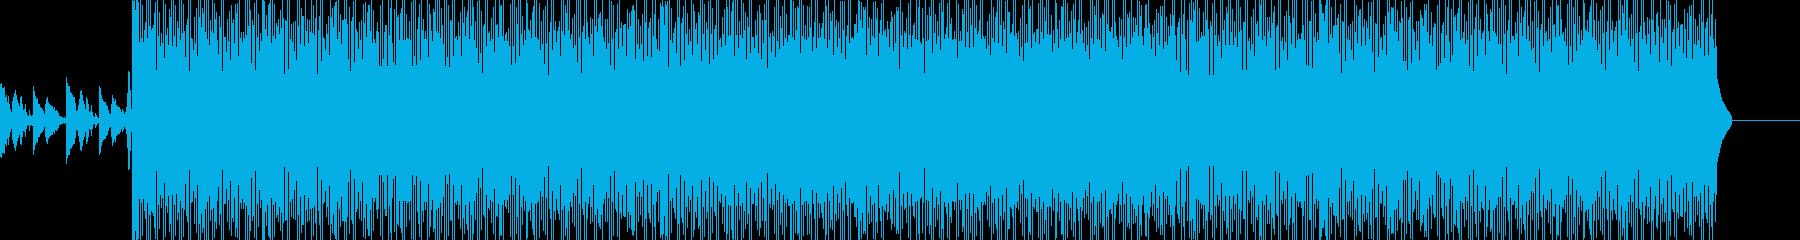 ギター&シンセが印象的なヒップホップの再生済みの波形